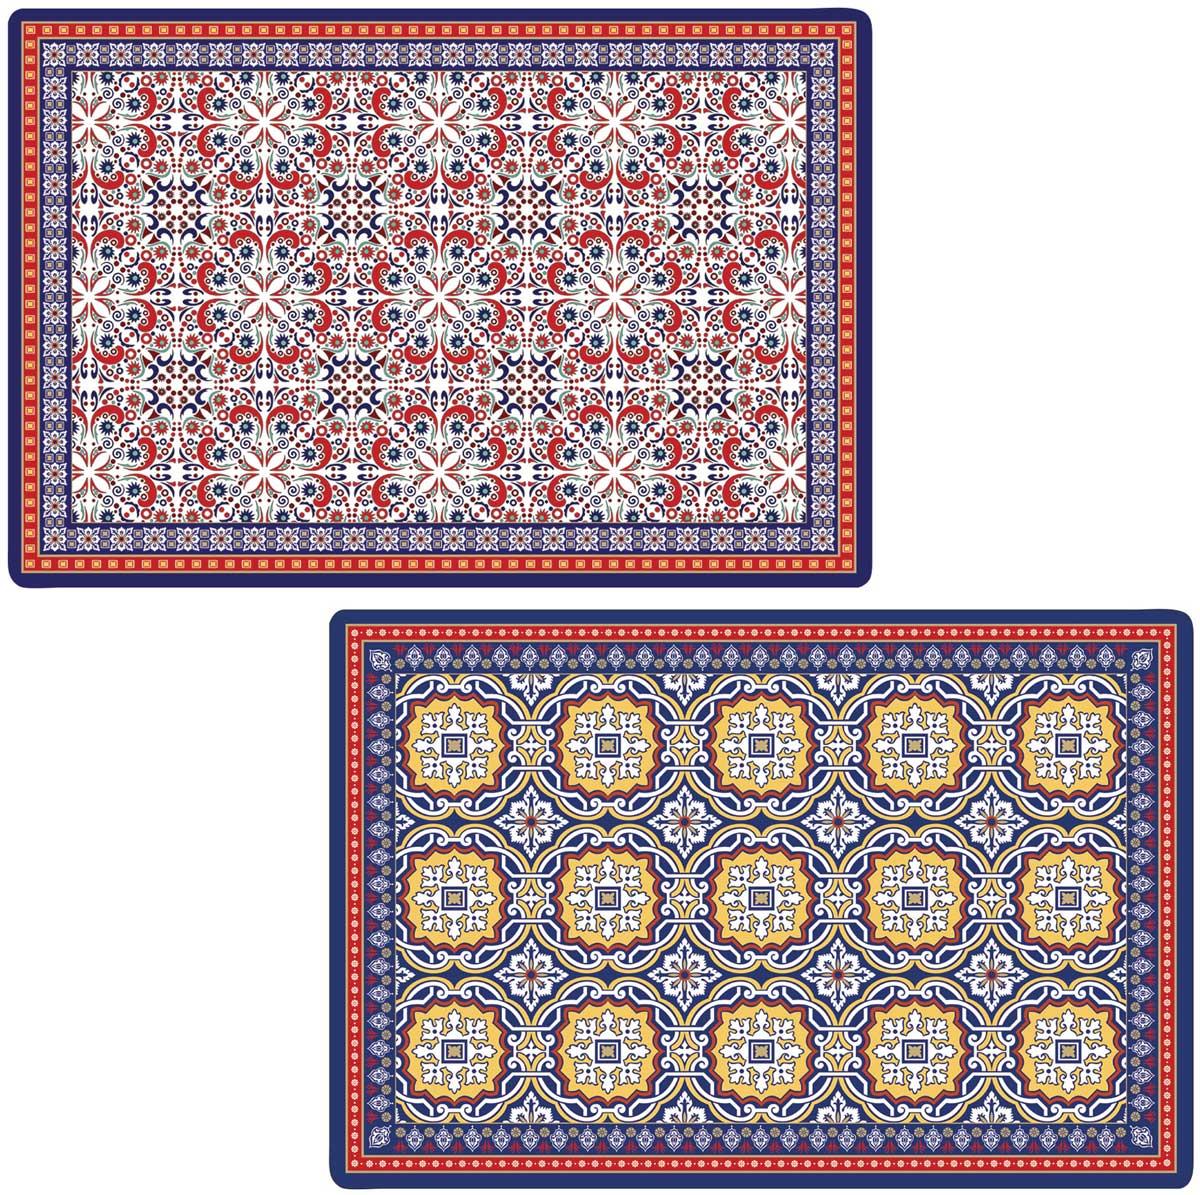 Набор салфеток под горячее Easy Life Марокко, 4 штEL-R0172/MOROНабор Easy Life Марокко, состоящий из 4 салфеток под горячее, идеально впишется в интерьер современной кухни.Салфетки, выполненные из пластика, не впитывают влагу, легко моются, выдерживают температуру до 100°С.Каждая хозяйка знает, что салфетка под горячее - это незаменимый и очень полезный аксессуар на каждой кухне. Ваш стол будет не только украшен оригинальной салфеткой, но и сбережен от воздействия высоких температур ваших кулинарных шедевров.Размер салфетки: 45 см х 30 см.Итальянская компания Easy Life (Nuova R2S) - является лидером производства кухонной посуды и аксессуаров для дома в Италии. Центральный офис компании находится в Италии, производство расположено в Италии и Китае.Концепция выпускаемой продукции заключается в создании единой дизайнерской линии предметов сервировки стола, оформления интерьера кухни или столовой комнаты. Вся продукция производится из современных и экологически чистых материалов: фарфора, стекла, пластика и дерева.Продукция компании Easy Life (Nuova R2S) отличается современным дизайном, и легкостью в эксплуатации. Компания работает в тесном сотрудничестве с лучшими итальянскими художниками и дизайнерами.